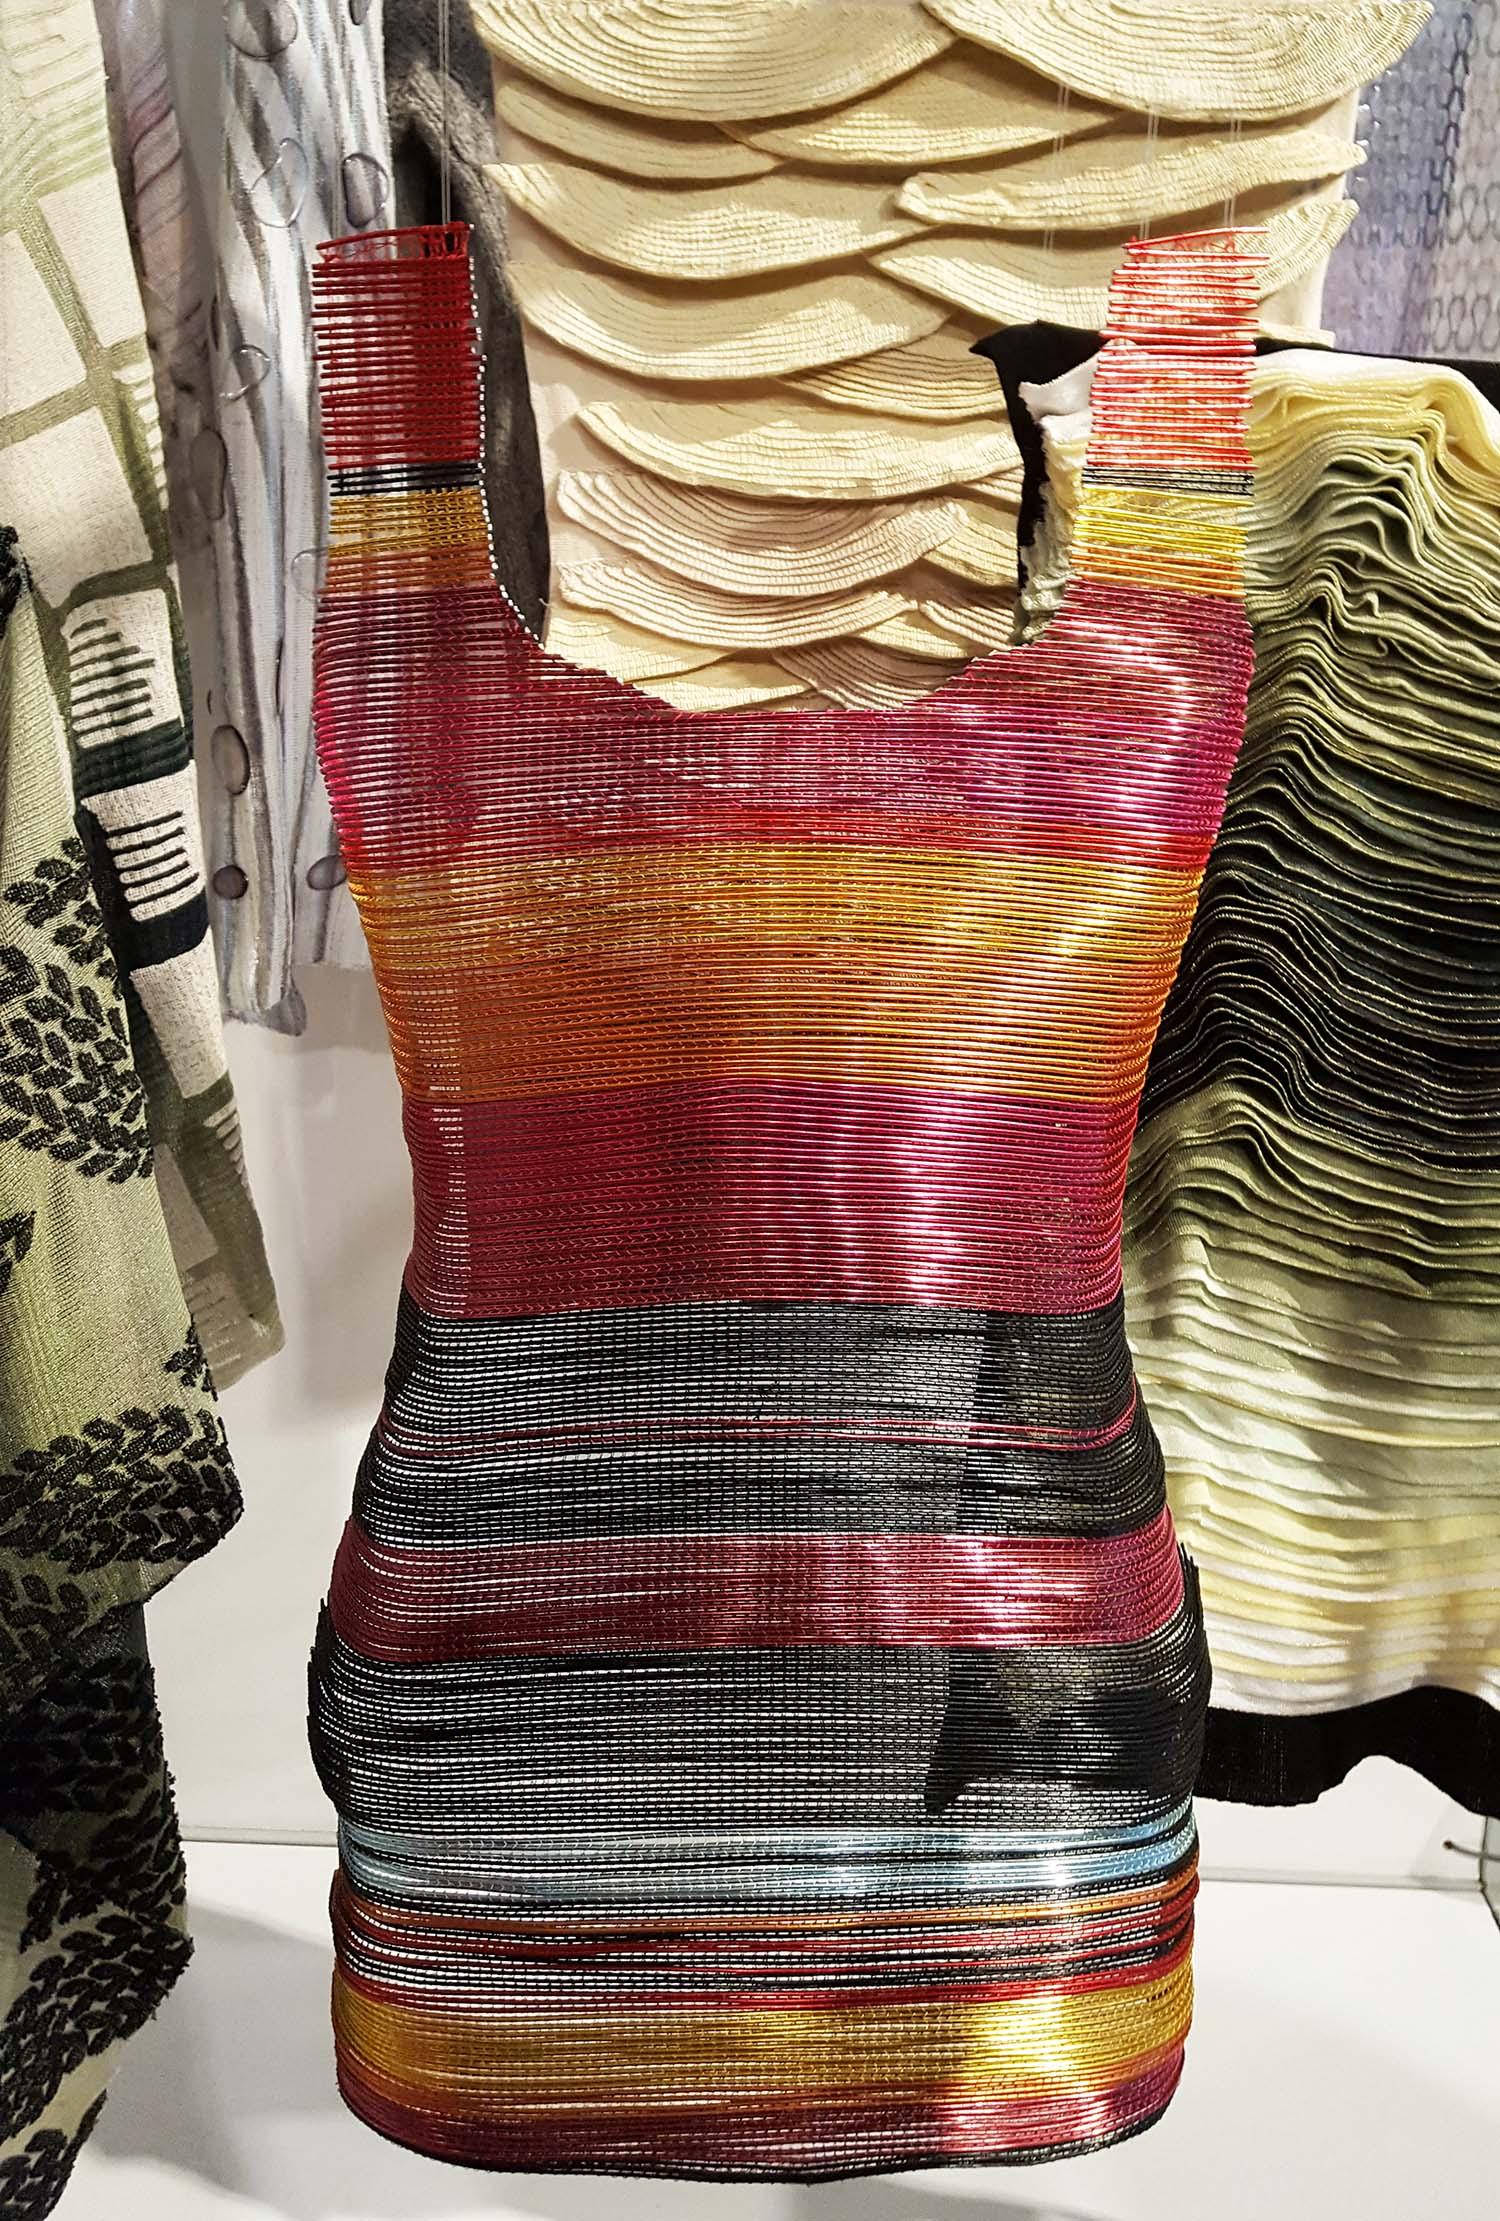 Degree Show - Textiles - GSA